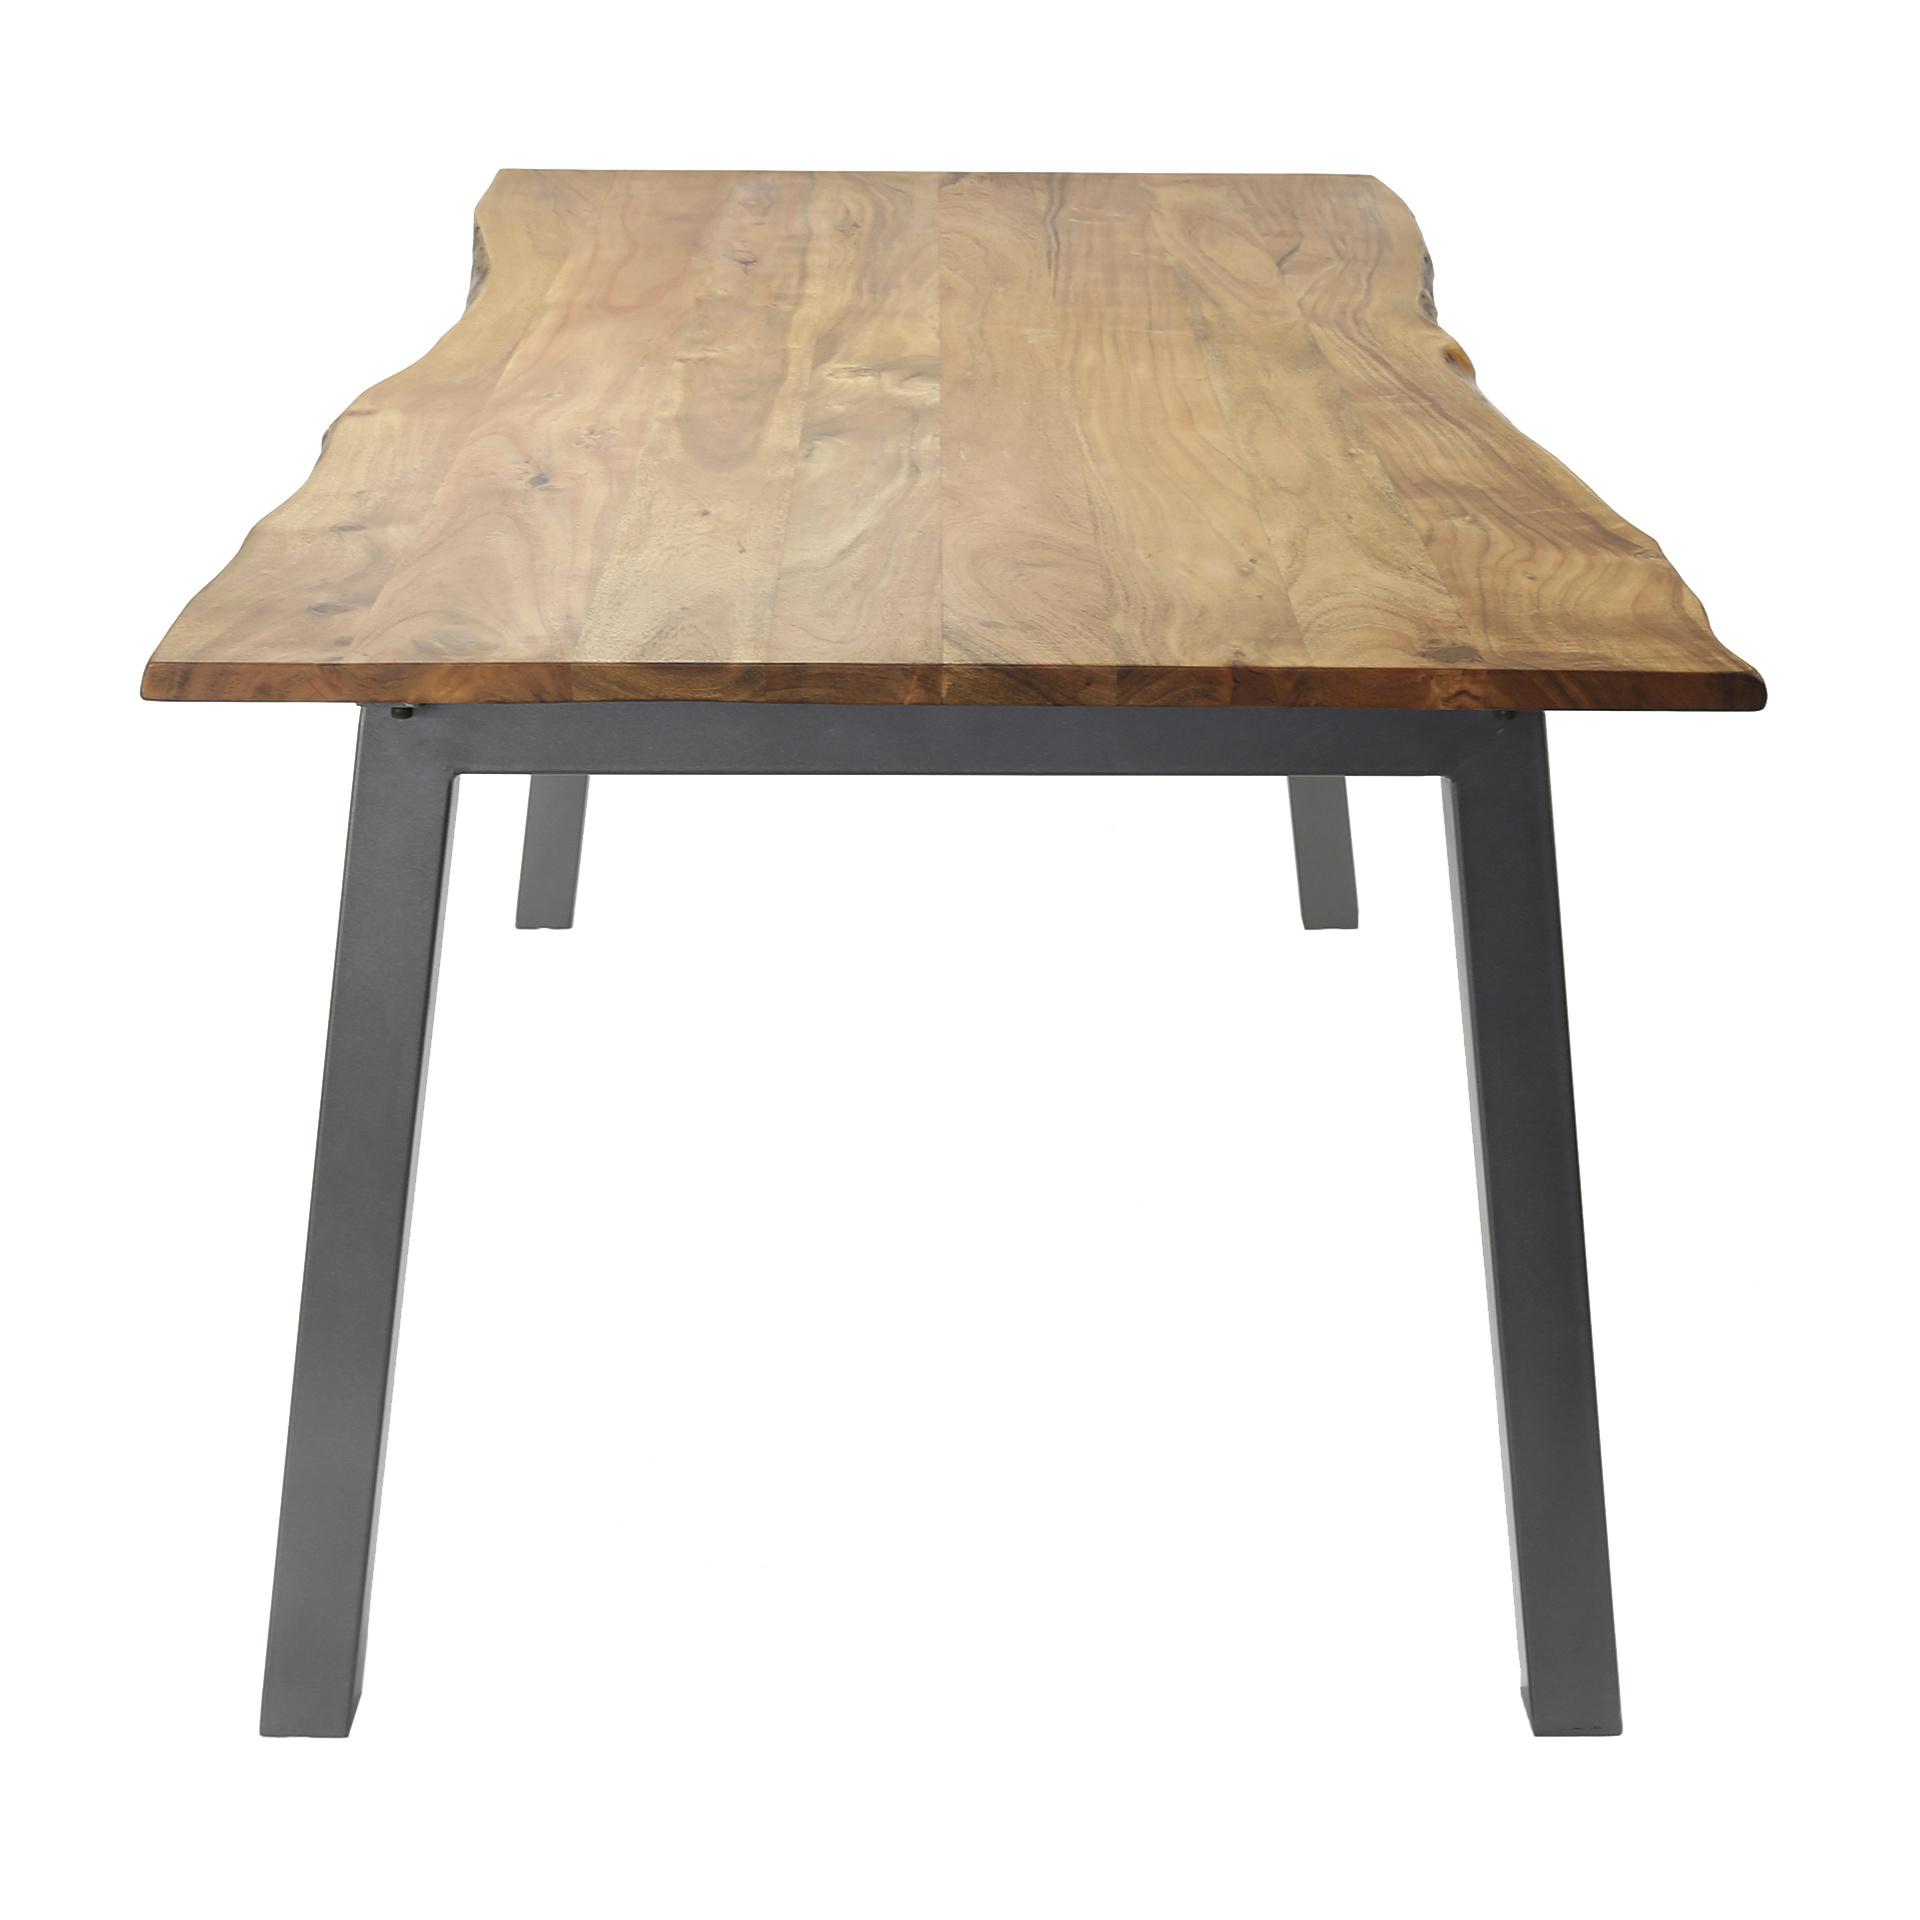 Duverger Tree - Eettafel - boomstam blad - massieve acacia - L 180cm - Dikte 2,5cm - Stalen U-poten - grijs gepoedercoat